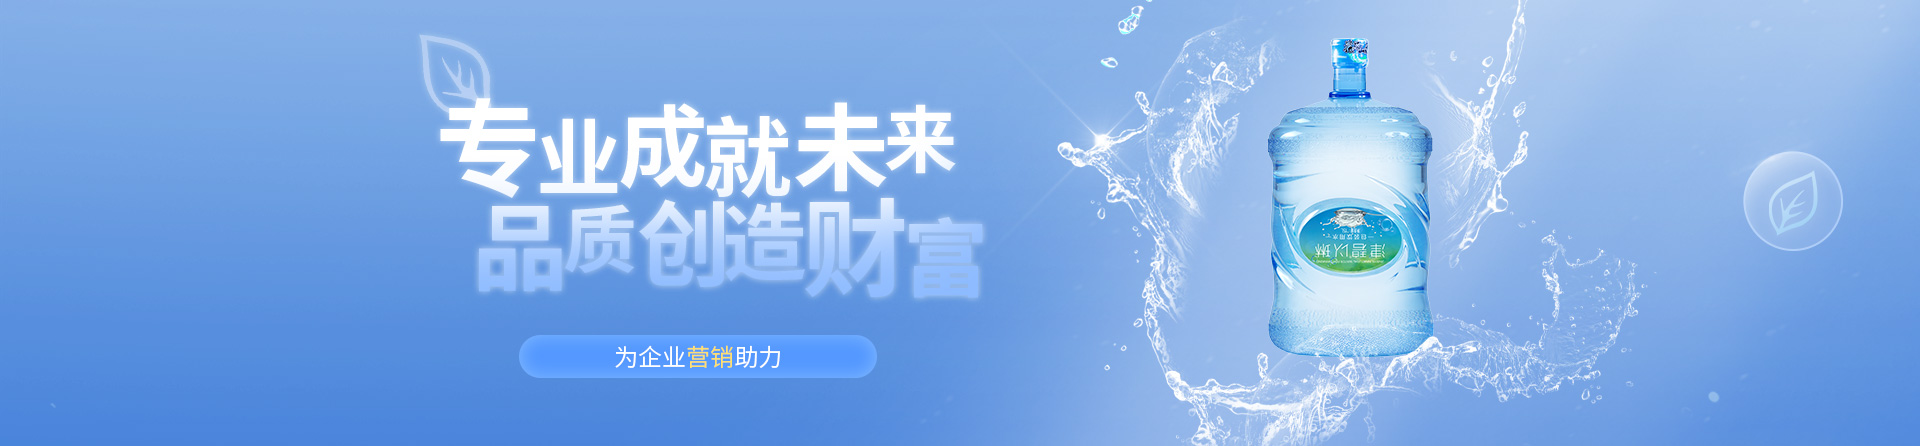 浙江送水公司